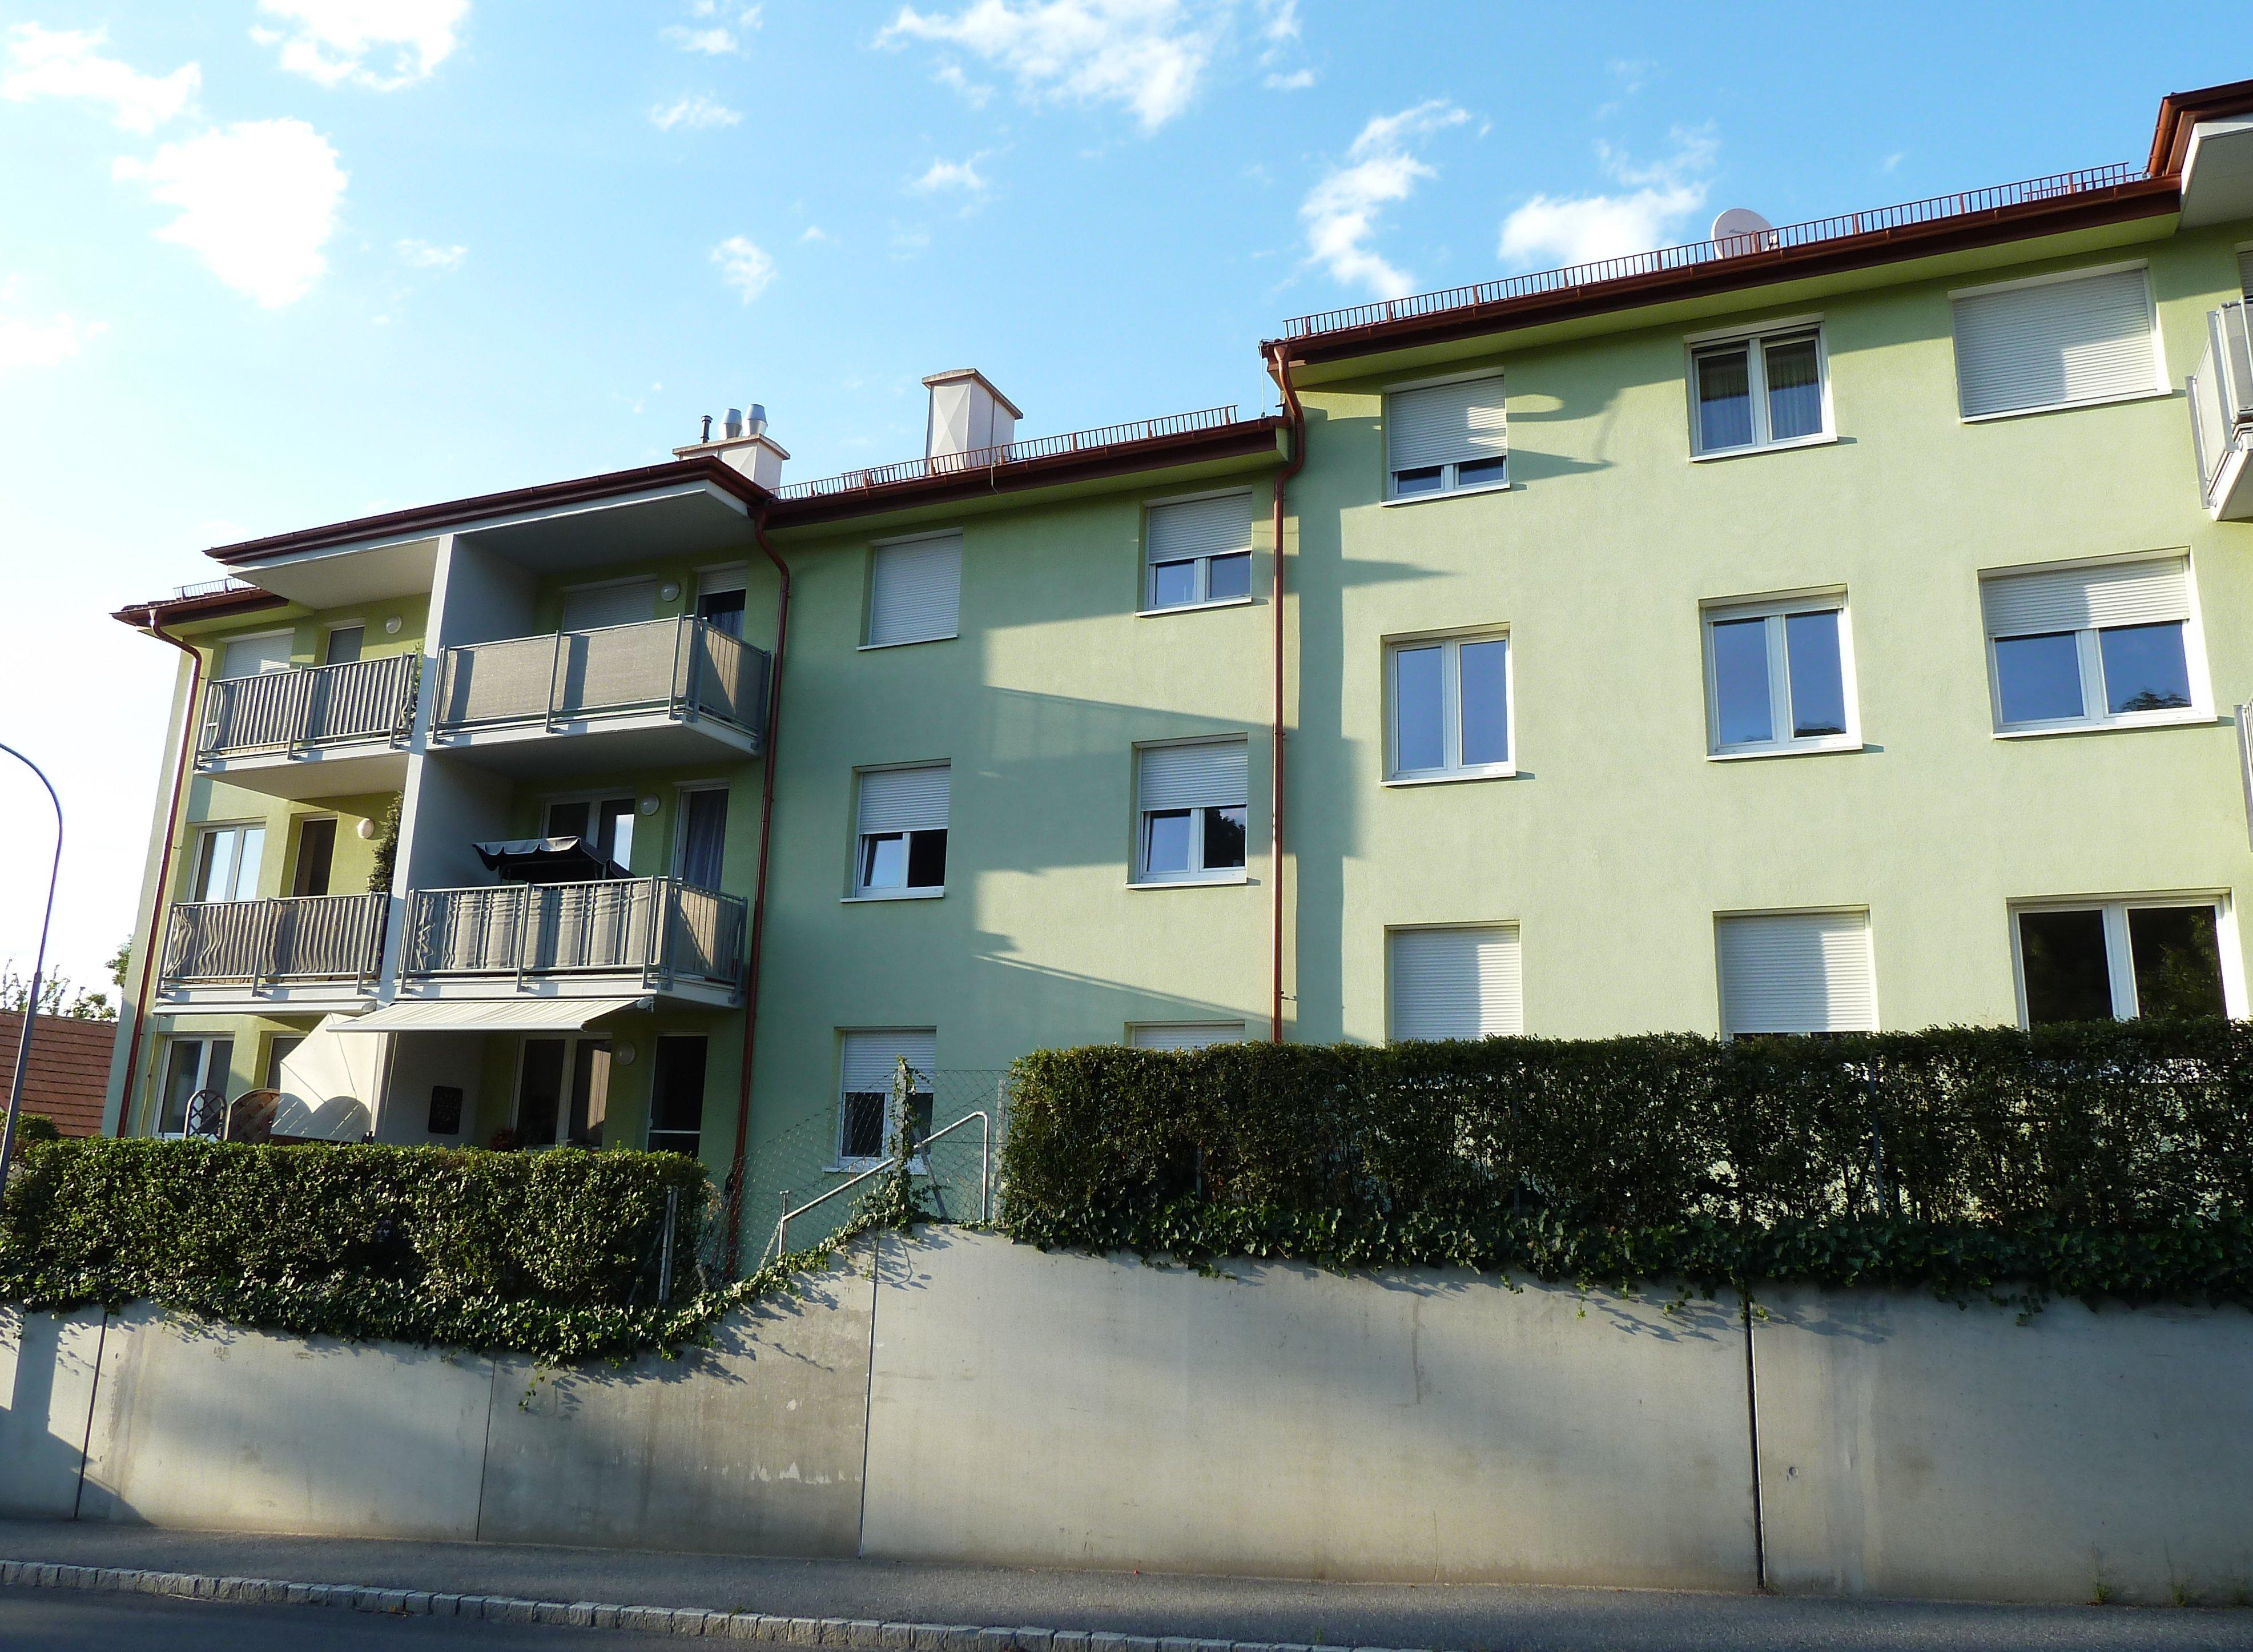 Immobilie von Kamptal in 3730 Eggenburg, Horn, Eggenburg V/2 - Top 111 #13